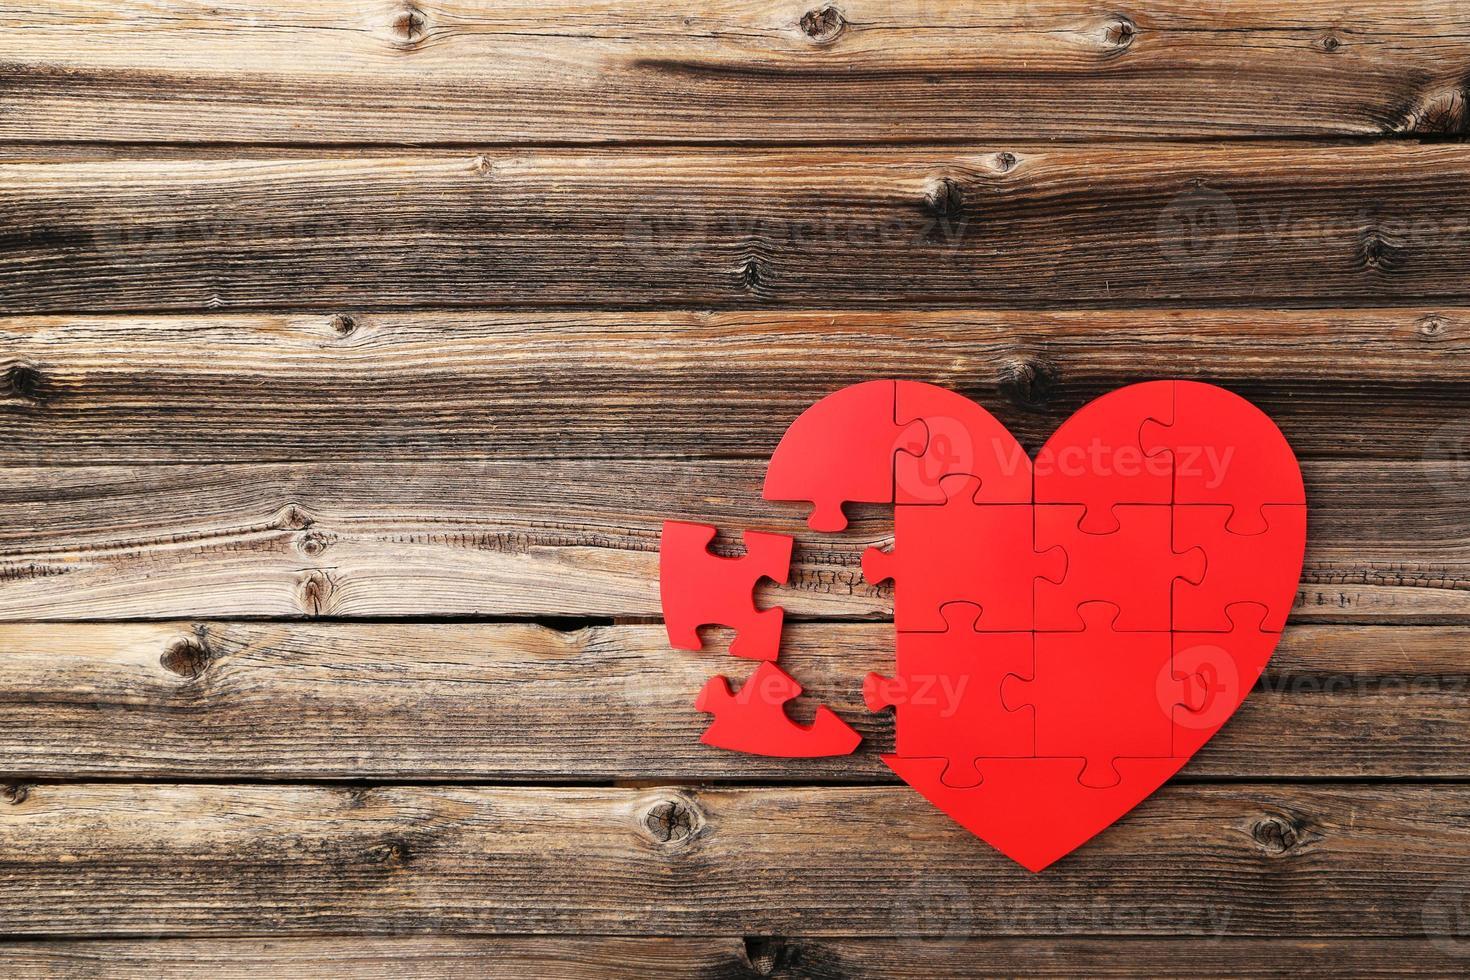 Corazón de rompecabezas rojo sobre fondo de madera marrón foto